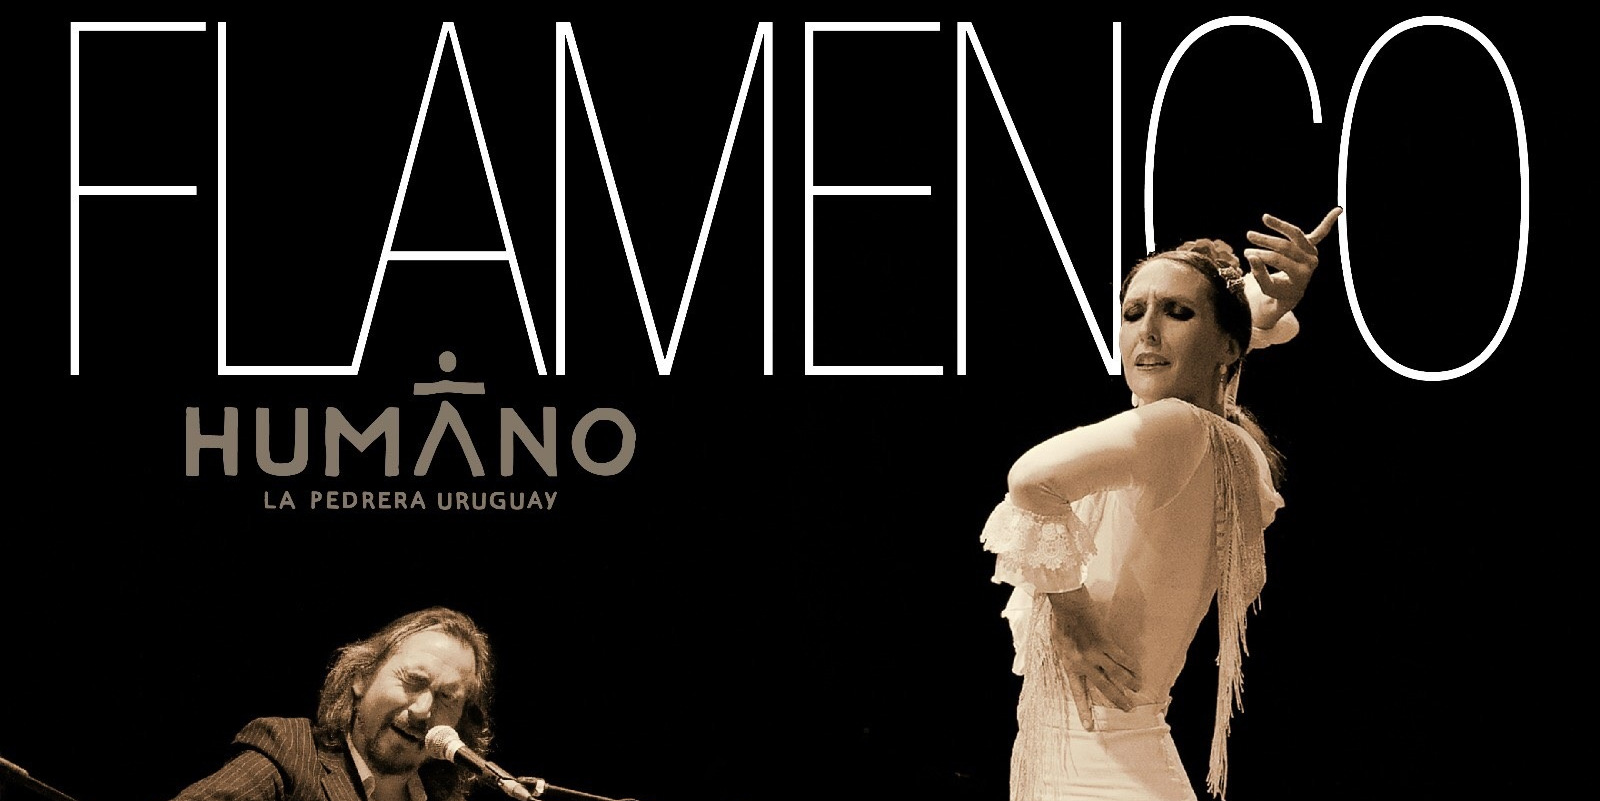 Flamenco imperdible de camino a Punta del Diablo!